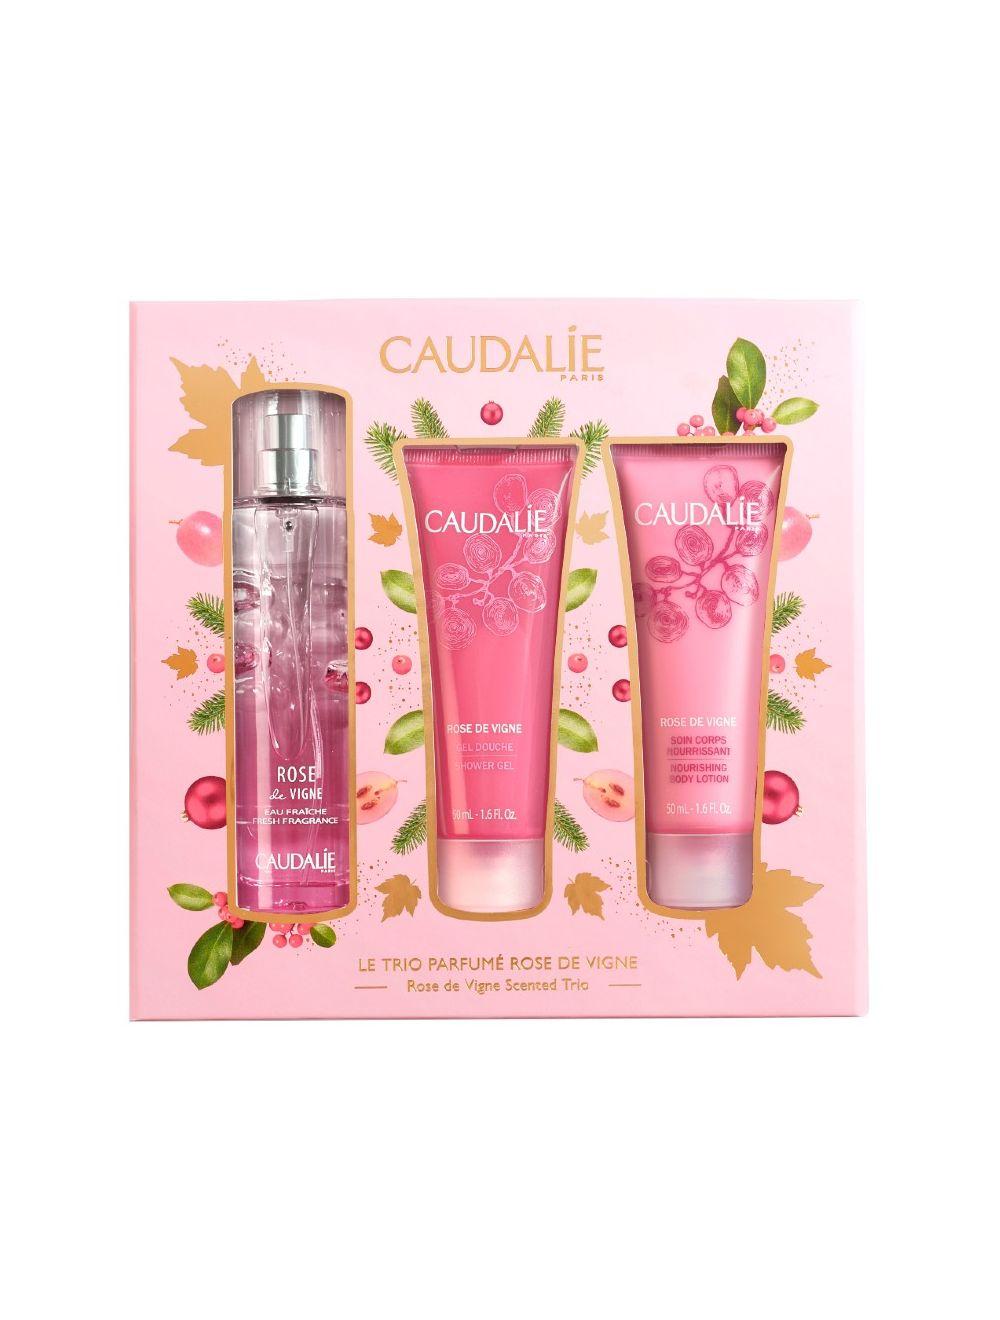 Caudalie - Coffret Trio Perfumado Rose de Vigne